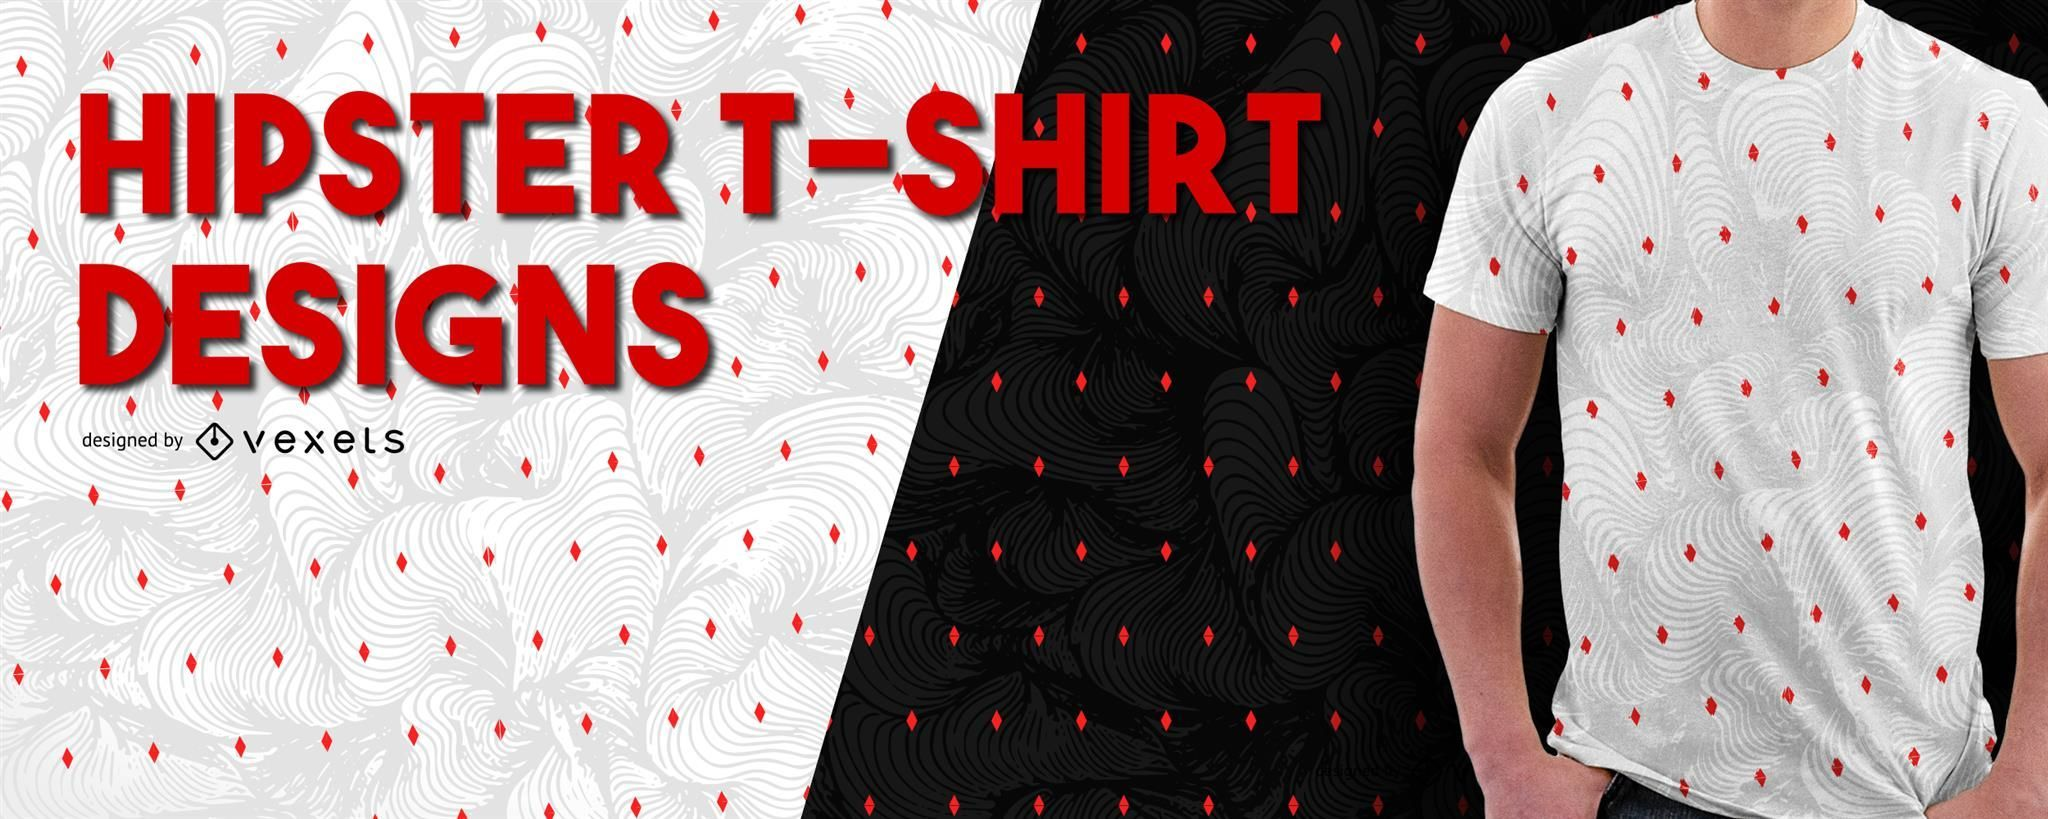 Hipster pattern t-shirt design